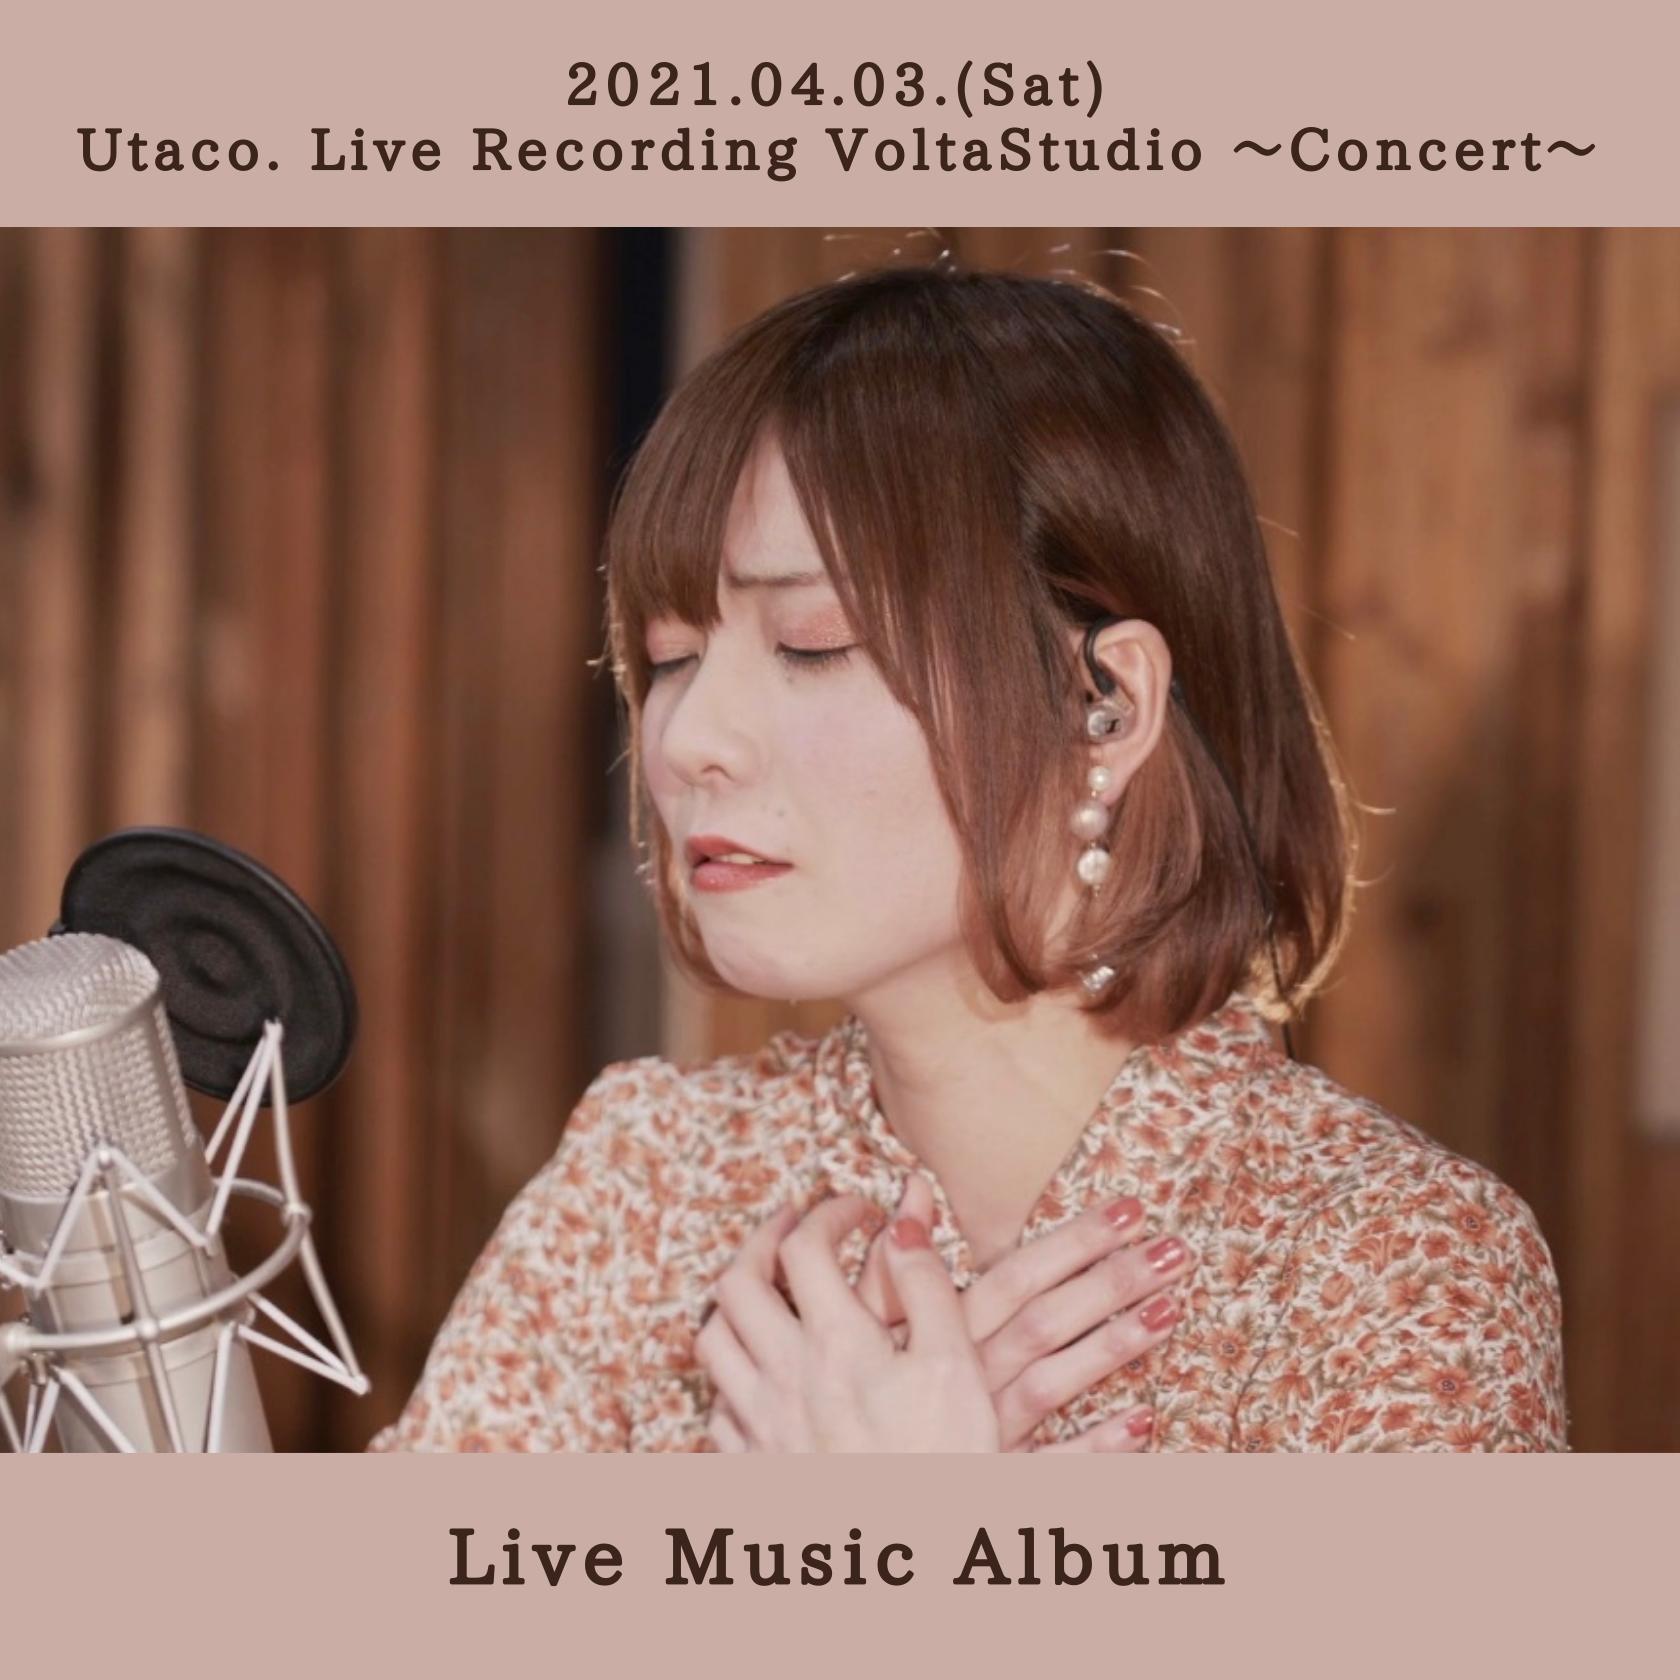 【ライブ音源】Live Recording VoltaStusio 〜Concert〜